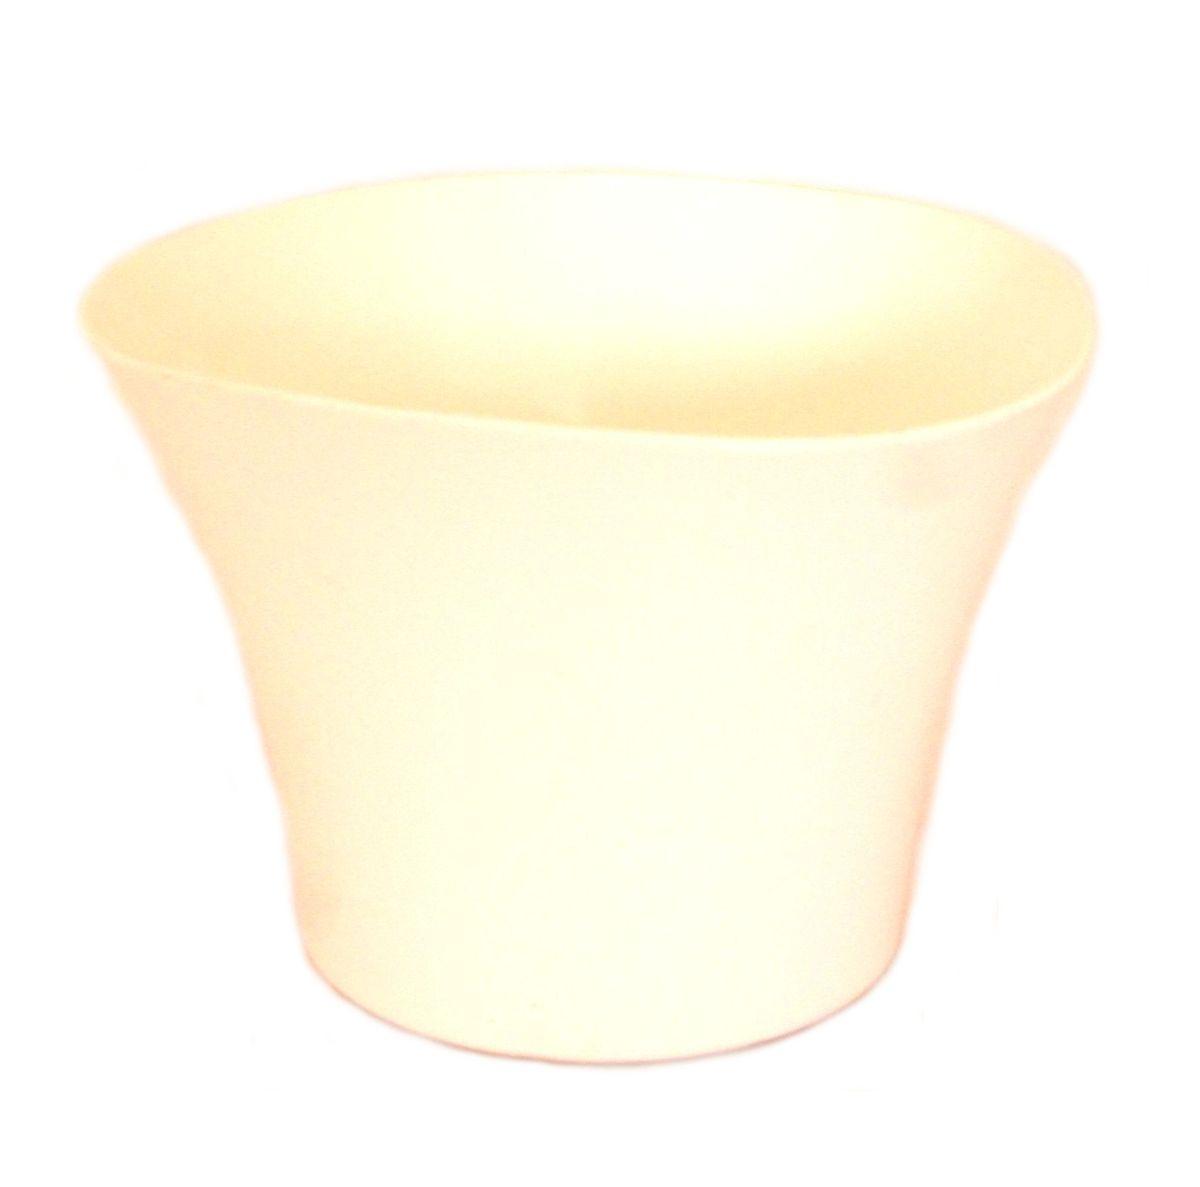 Кашпо JetPlast Волна, цвет: белый, 600 млZ-0307Кашпо Волна имеет уникальную форму, сочетающуюся как с классическим, так и с современным дизайном интерьера. Оно изготовлено из прочного полипропилена (пластика) и предназначено для выращивания растений, цветов и трав в домашних условиях. Такое кашпо порадует вас функциональностью, а благодаря лаконичному дизайну впишется в любой интерьер помещения. Объем кашпо: 600 мл.